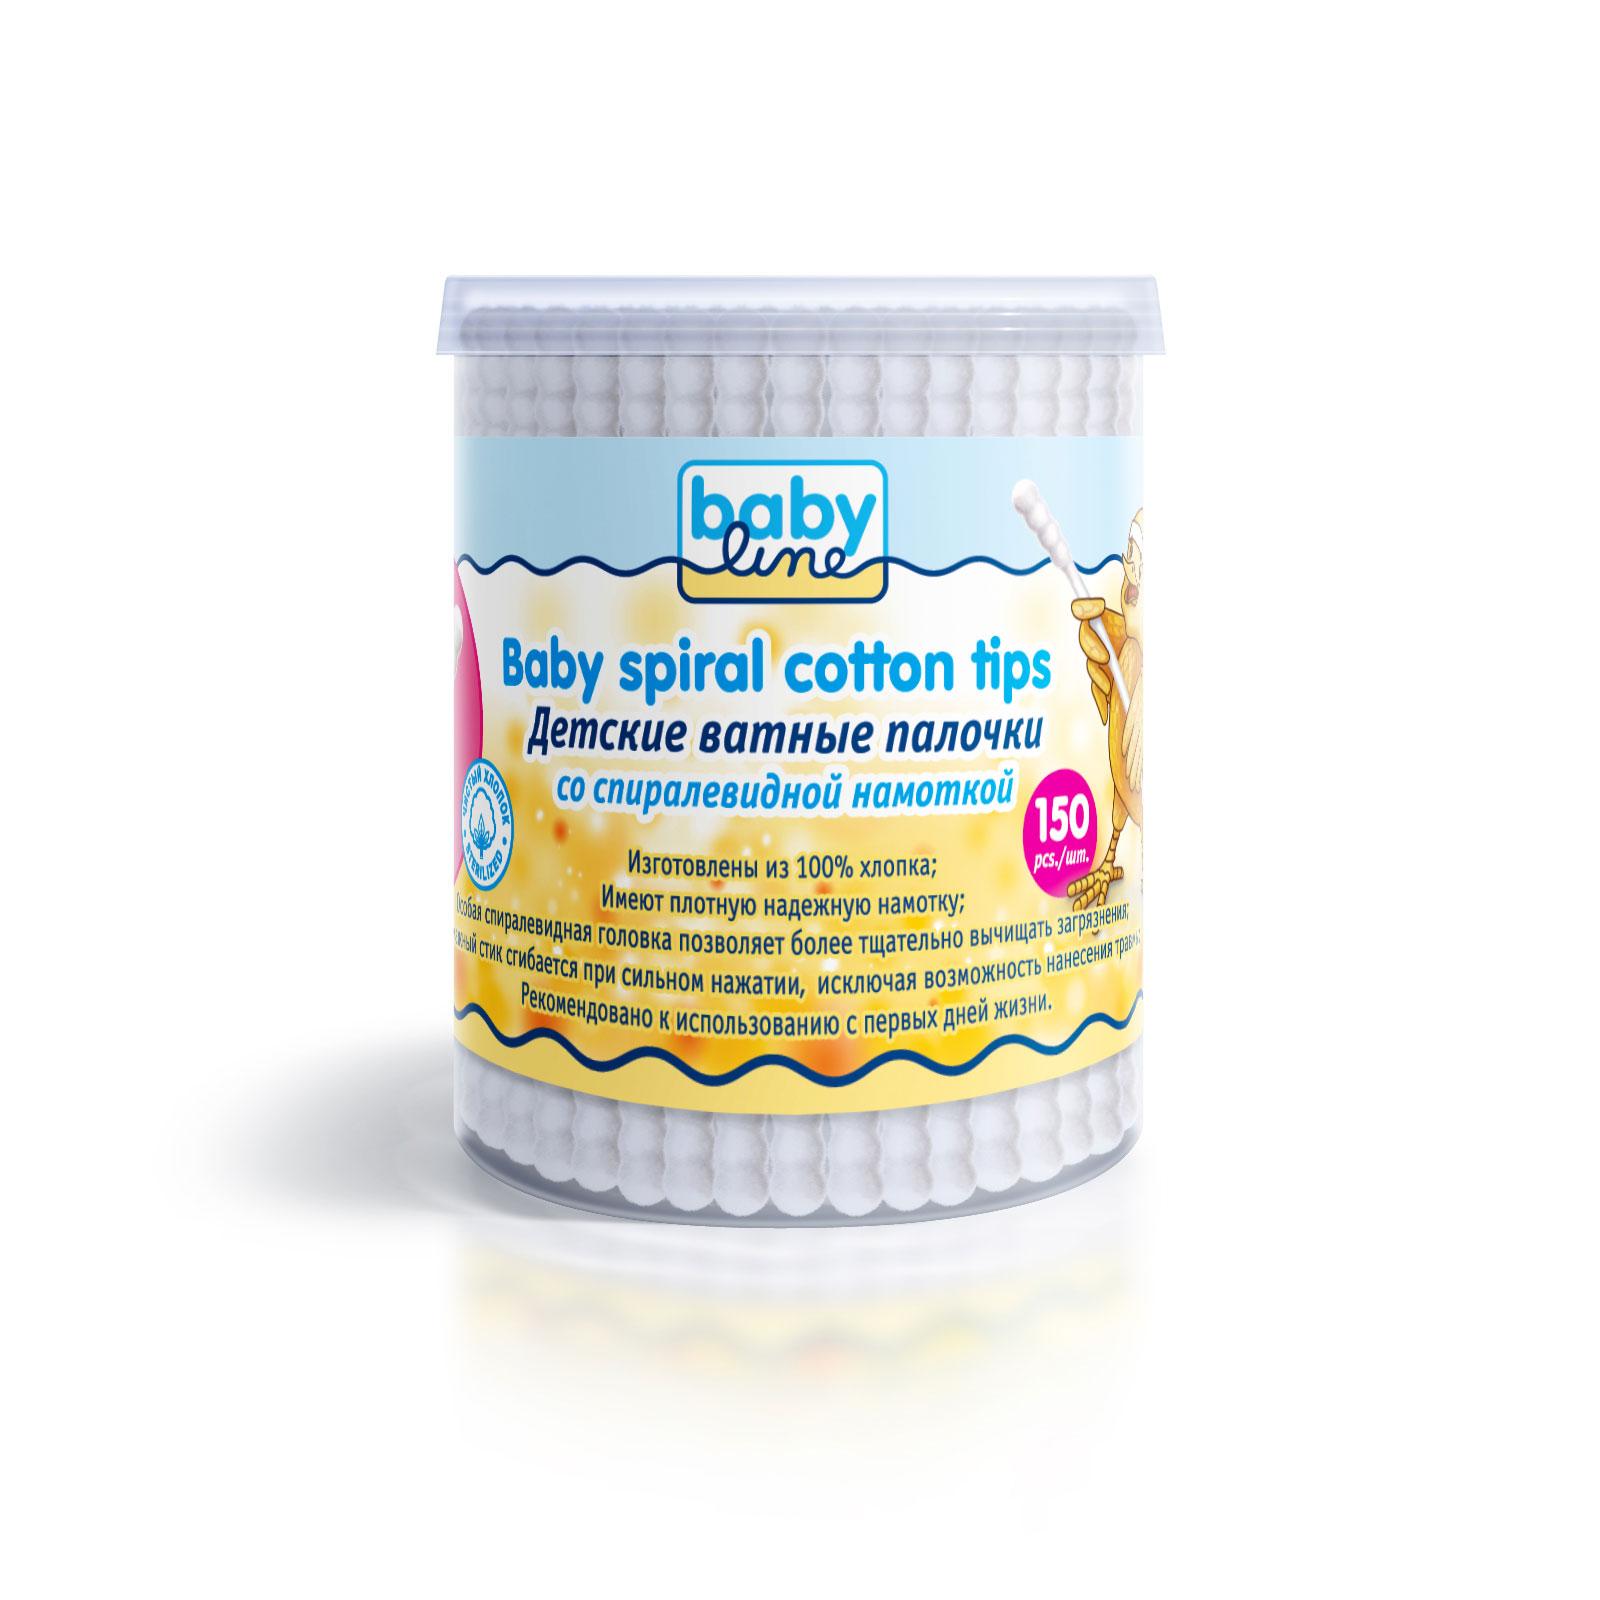 Ватные палочки Babyline со спиралевидной намоткой 150 шт<br>